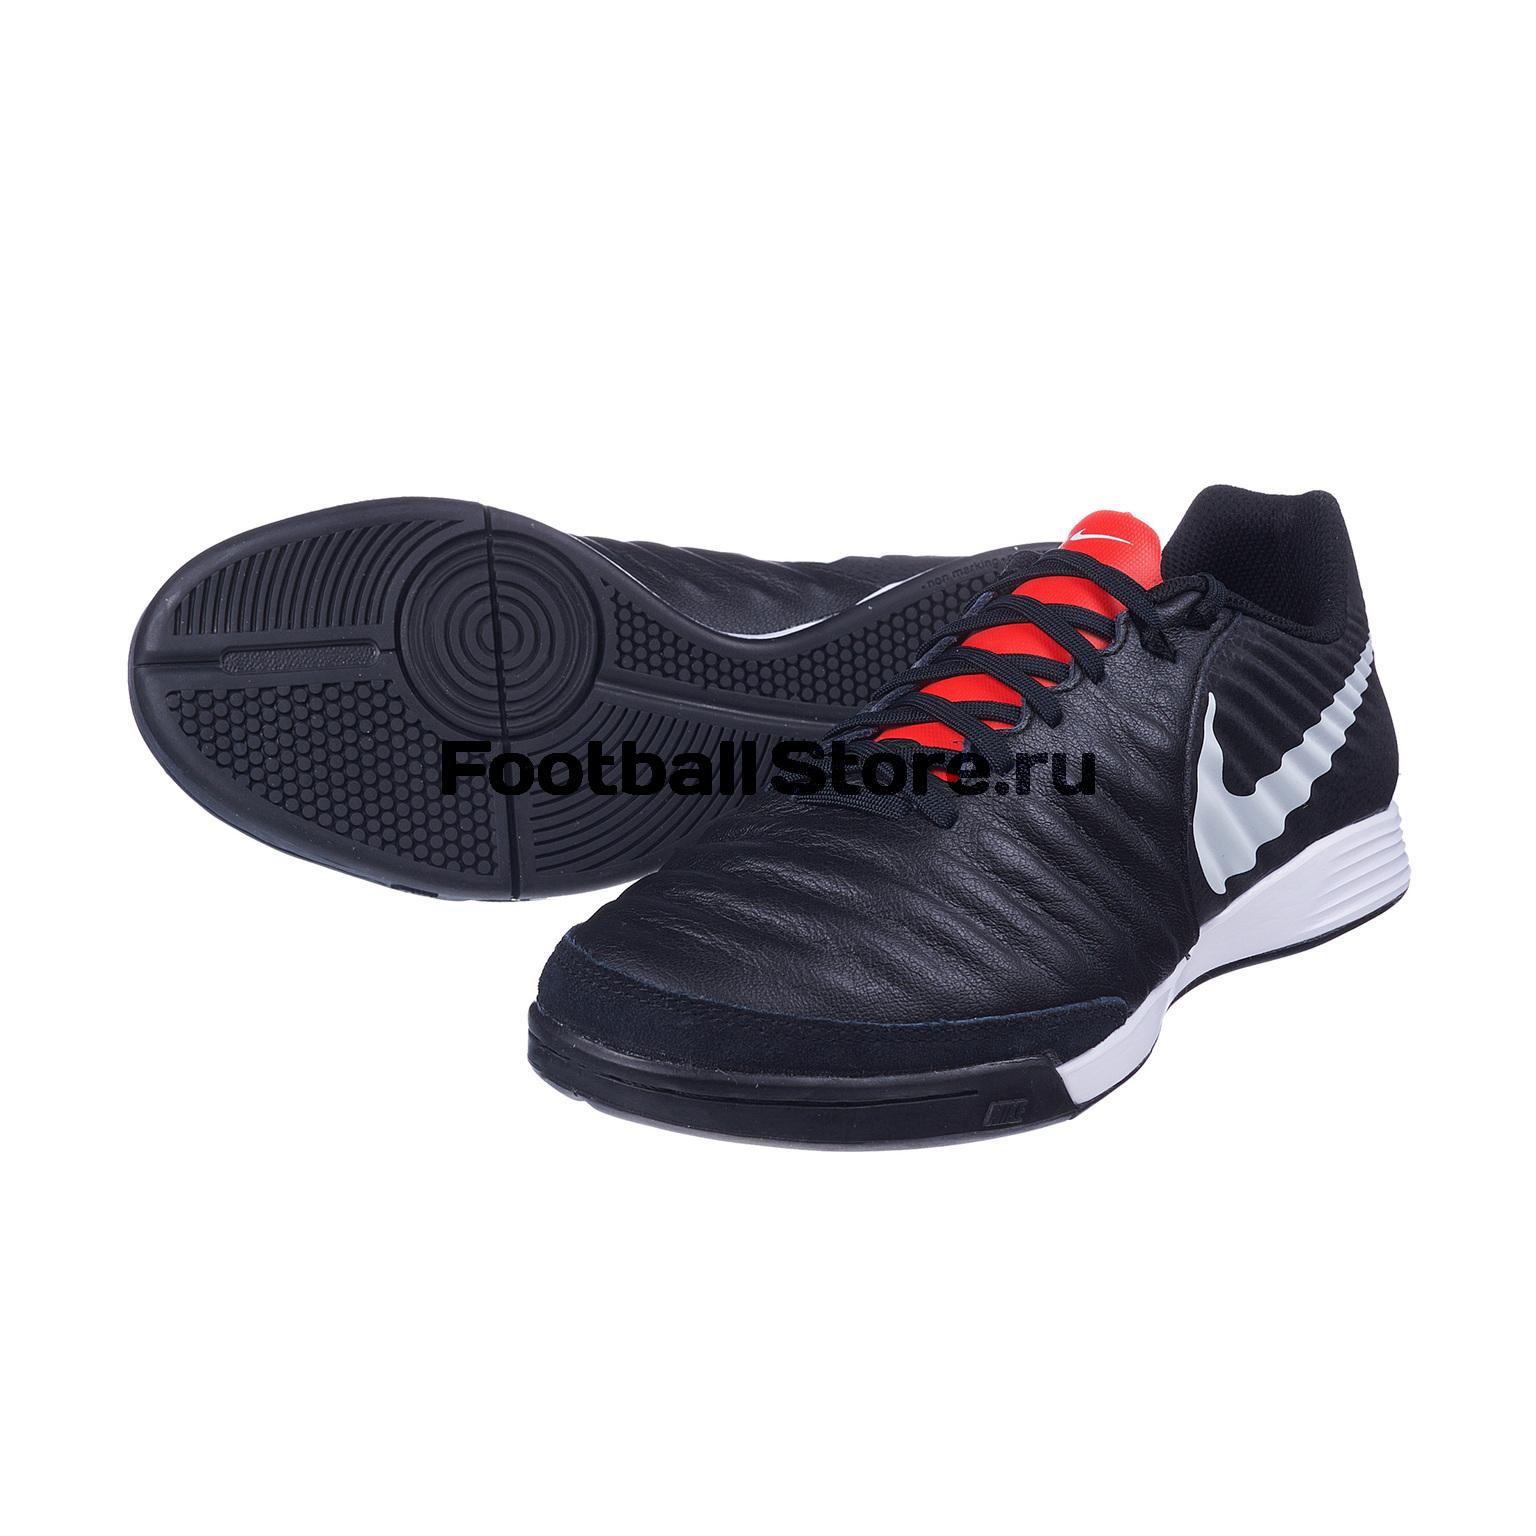 Обувь для зала Nike LegendX 7 Academy IC AH7244-006 баскетбольные кроссовки nike dual fusion bb nbk 536846 002 003 006